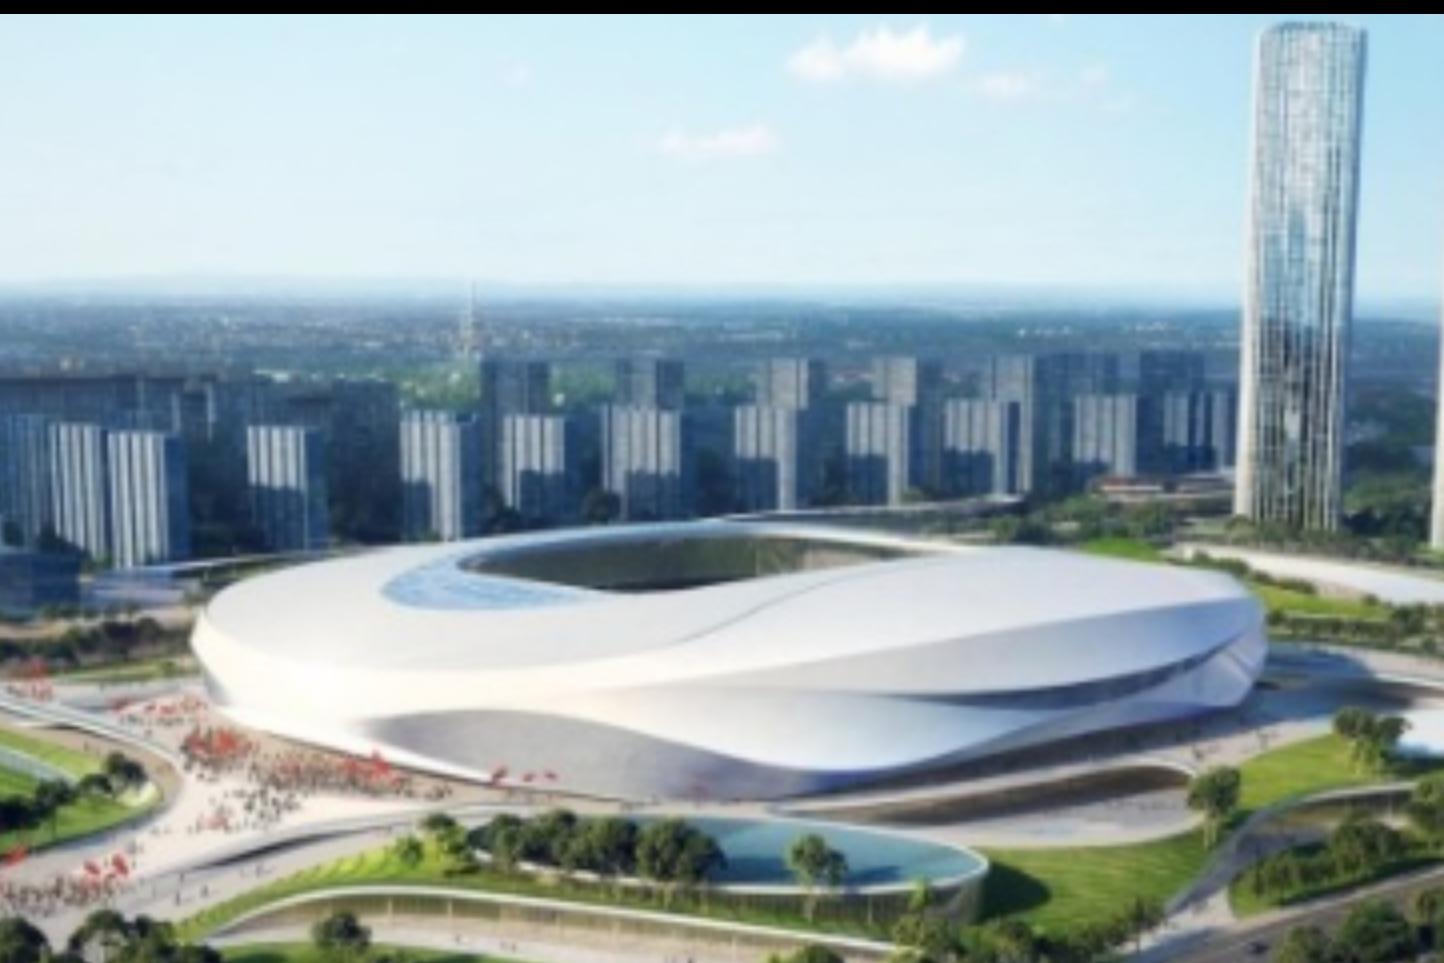 可同时容纳5万人观赛,2023年亚洲杯青岛青春足球场开工-今球app官网